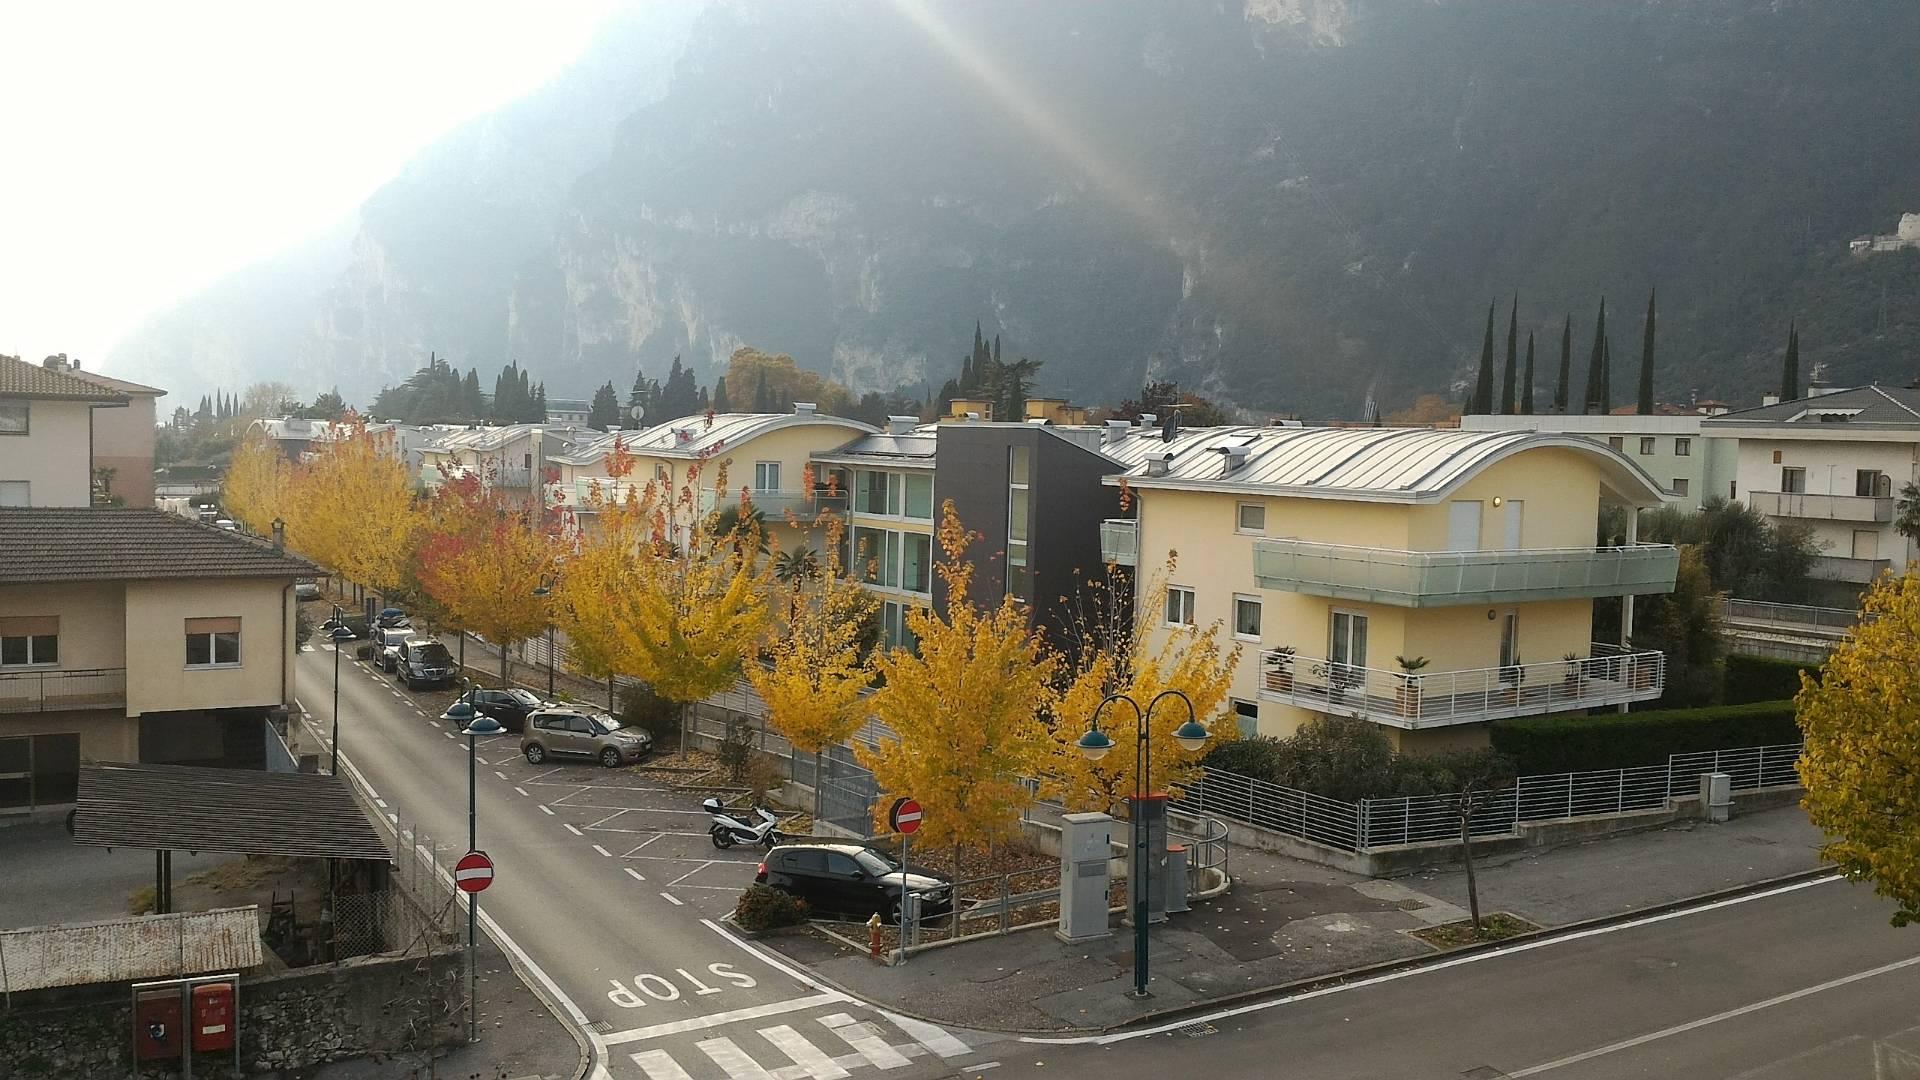 Appartamento in vendita a Riva del Garda, 2 locali, zona Zona: Riva, prezzo € 152.000 | Cambio Casa.it